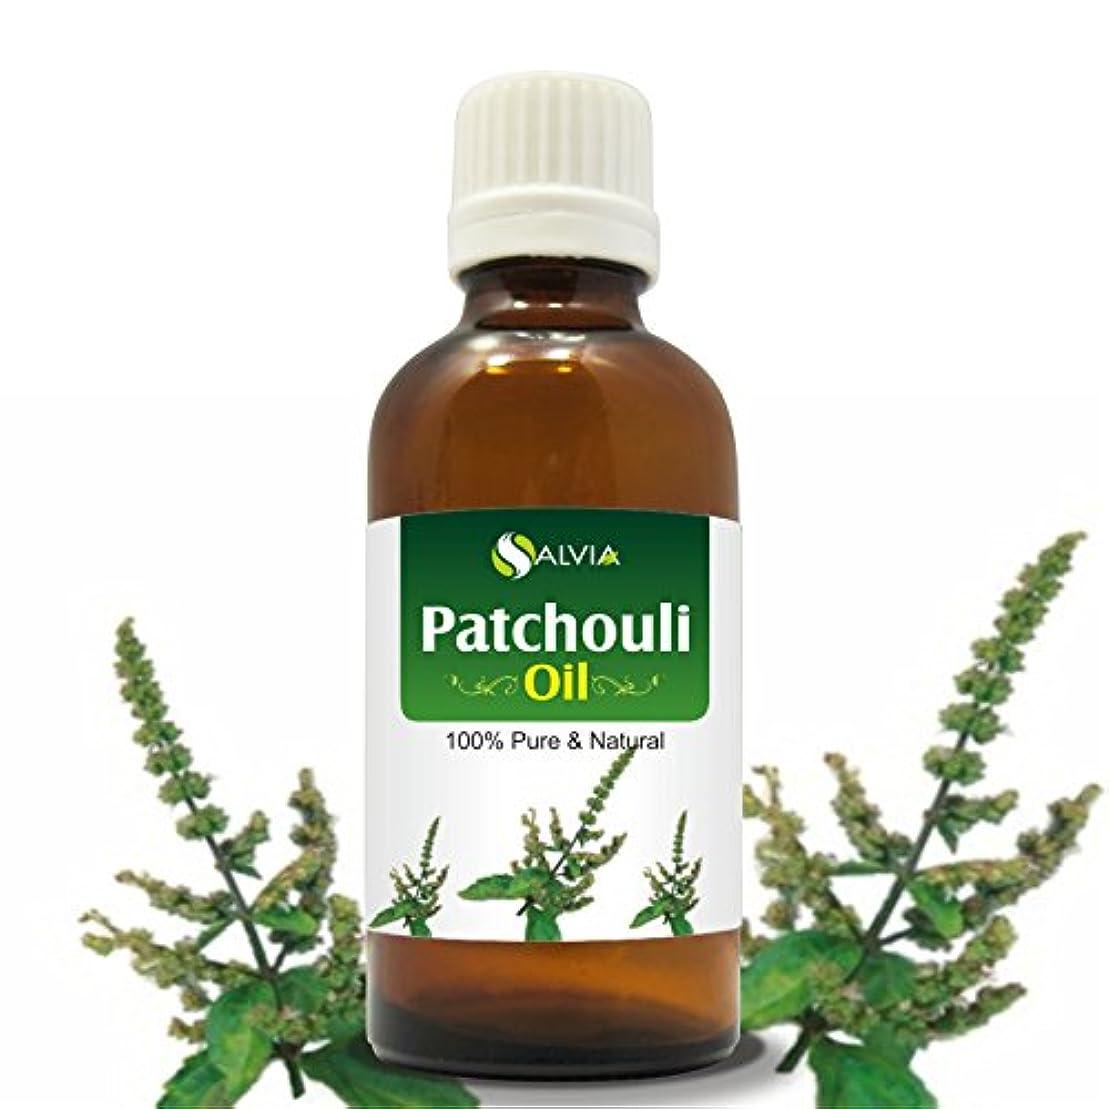 キノコシェードに対処するPATCHOULI OIL 100% NATURAL PURE UNDILUTED UNCUT ESSENTIAL OIL 30ML